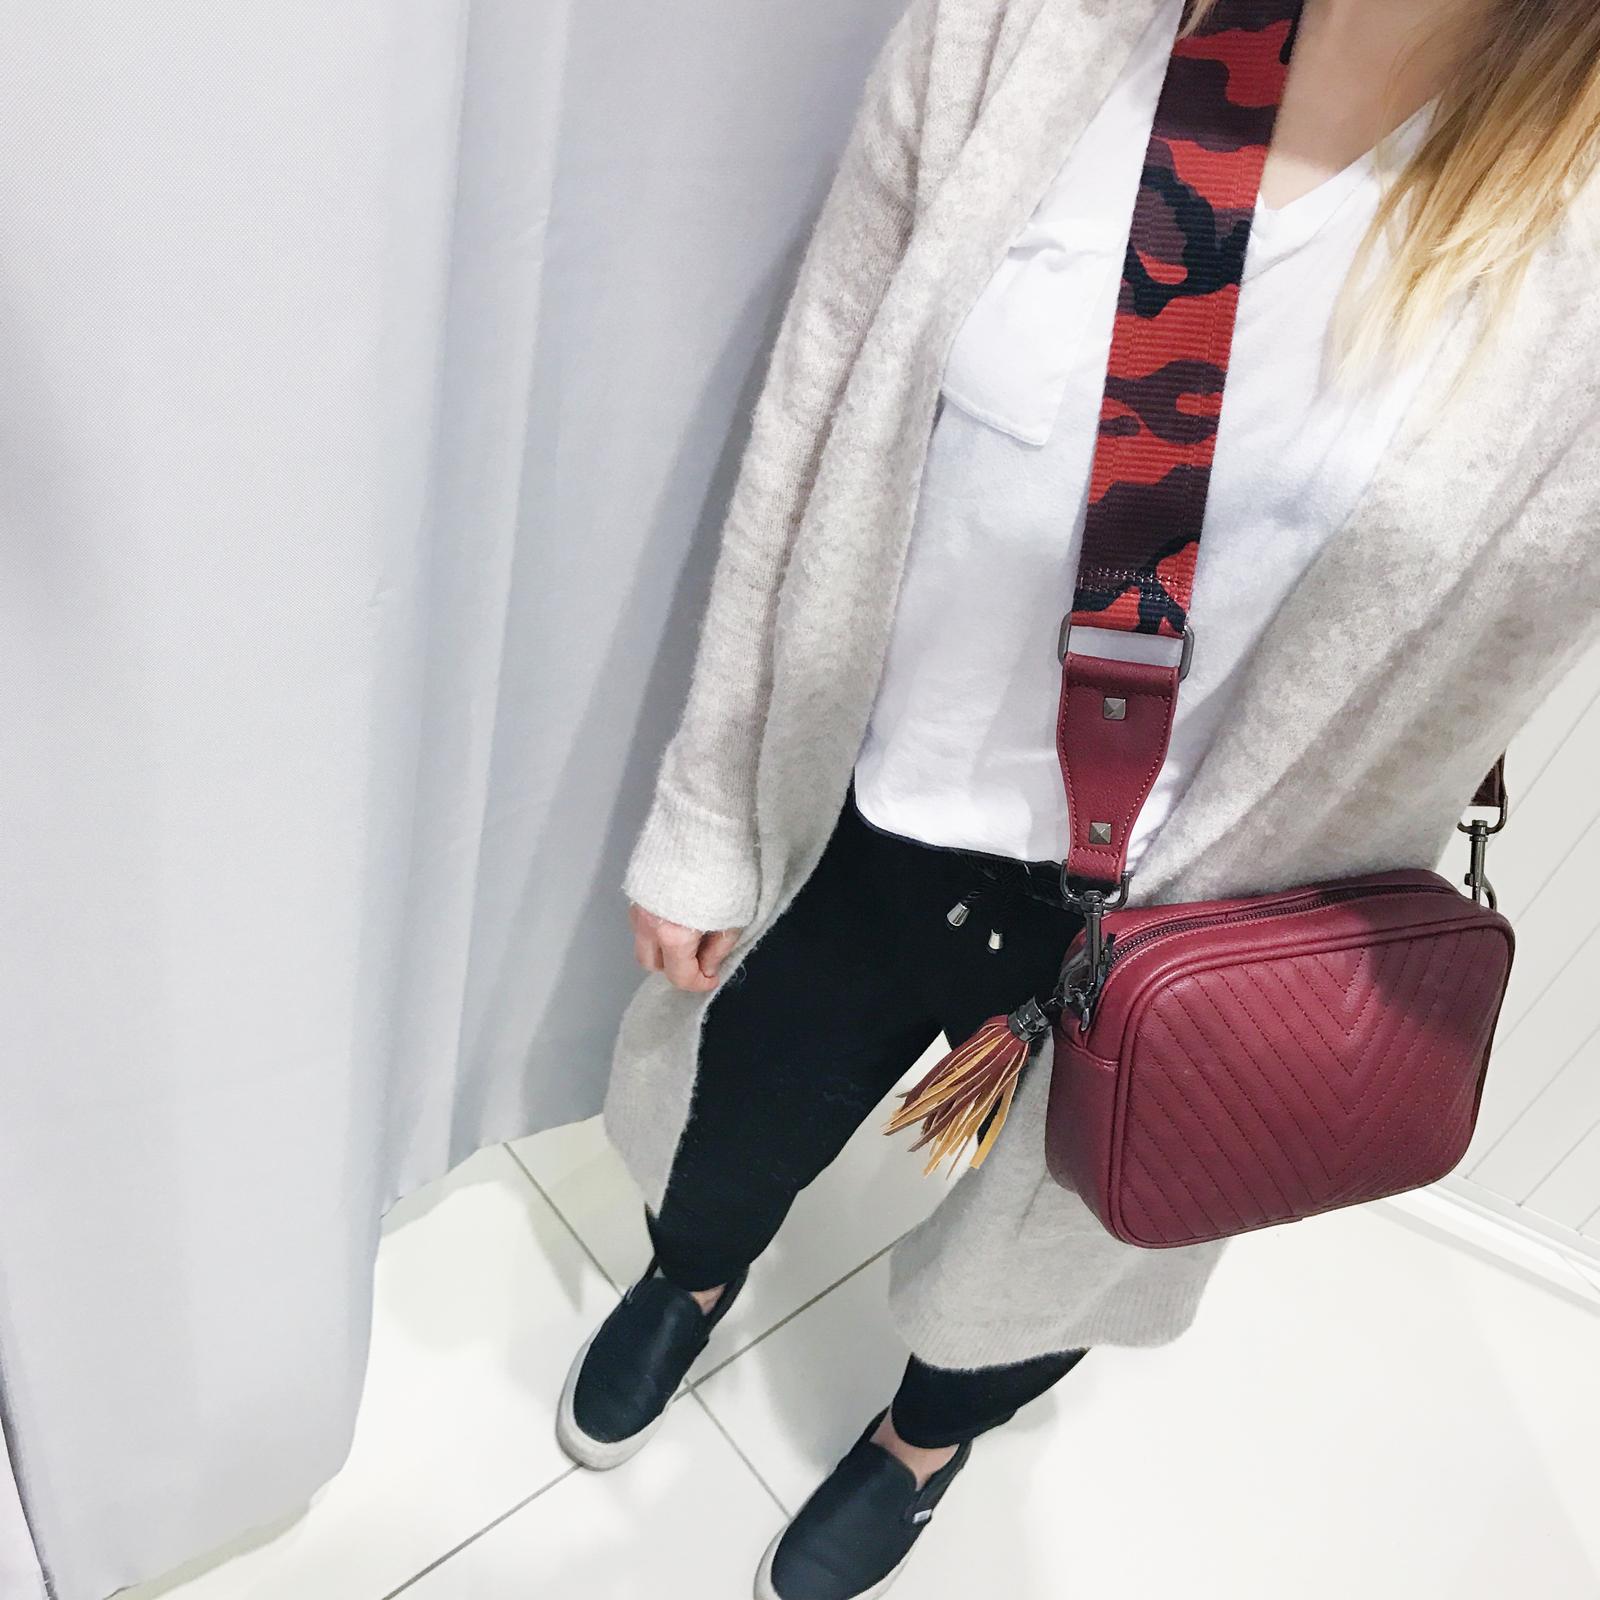 OUTFIT: 4 Tipps für ein stylisches Quick-Outfit + Statement Strap Tasche